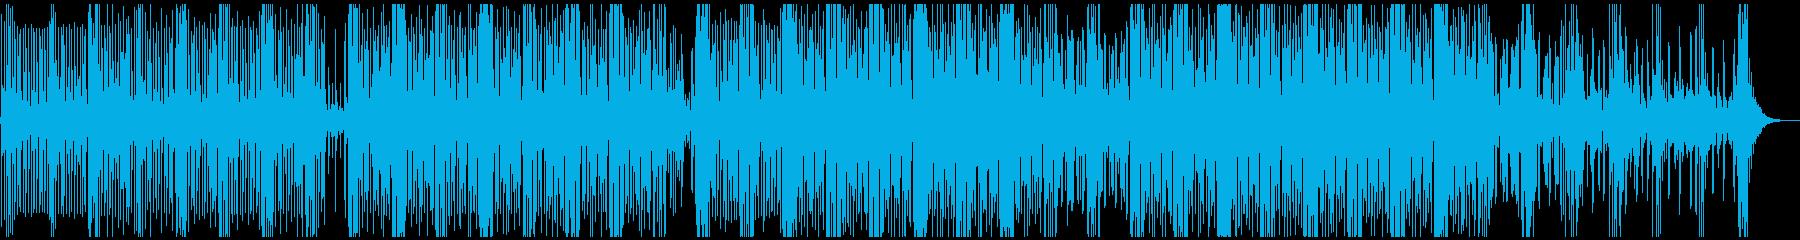 ゆったりと漂う、神秘的で美しいテクノの再生済みの波形